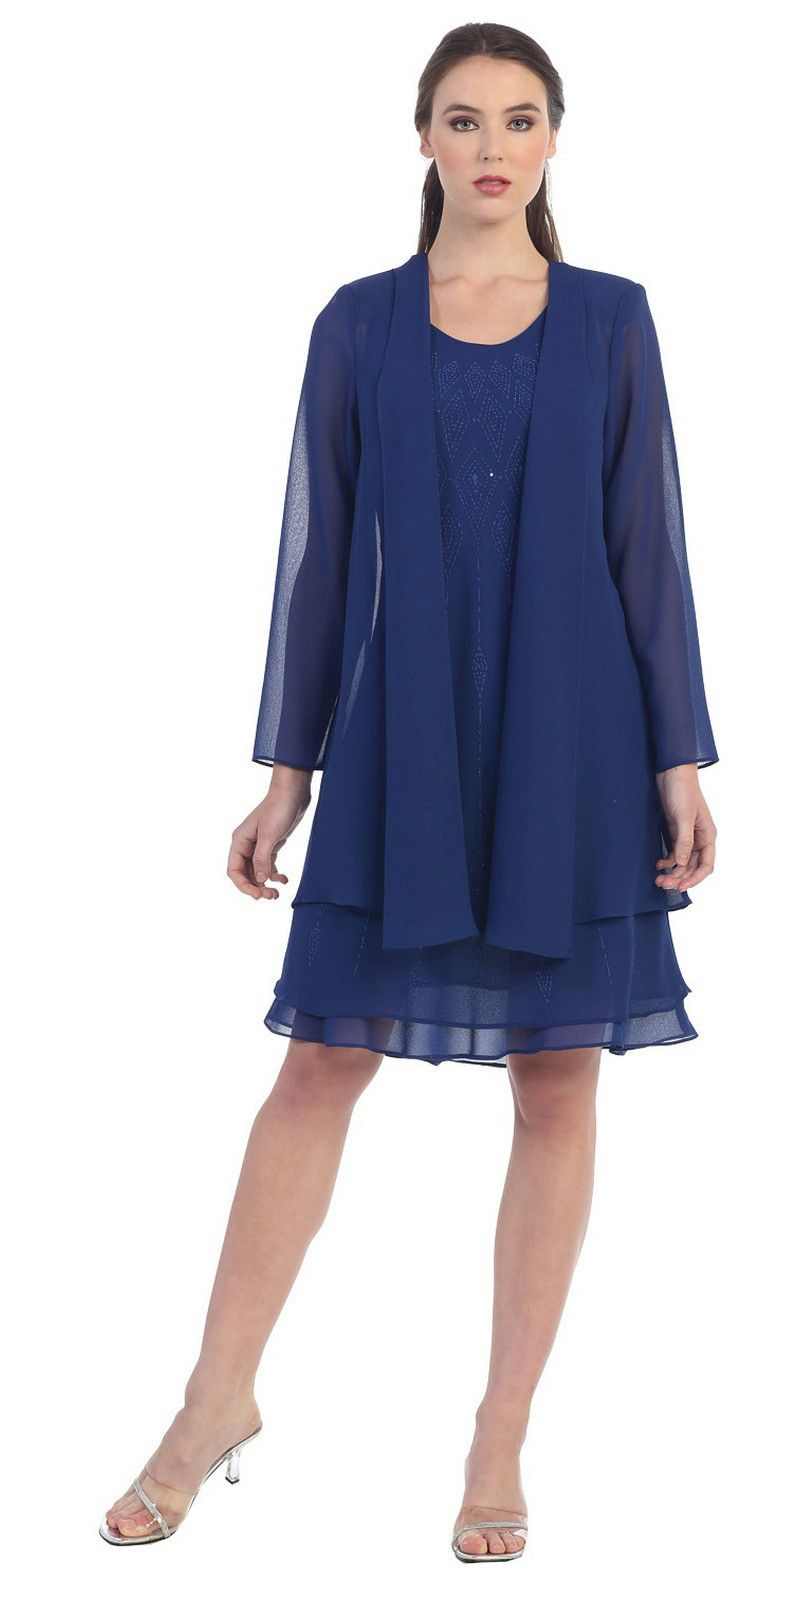 Flowy Knee Length Dresses